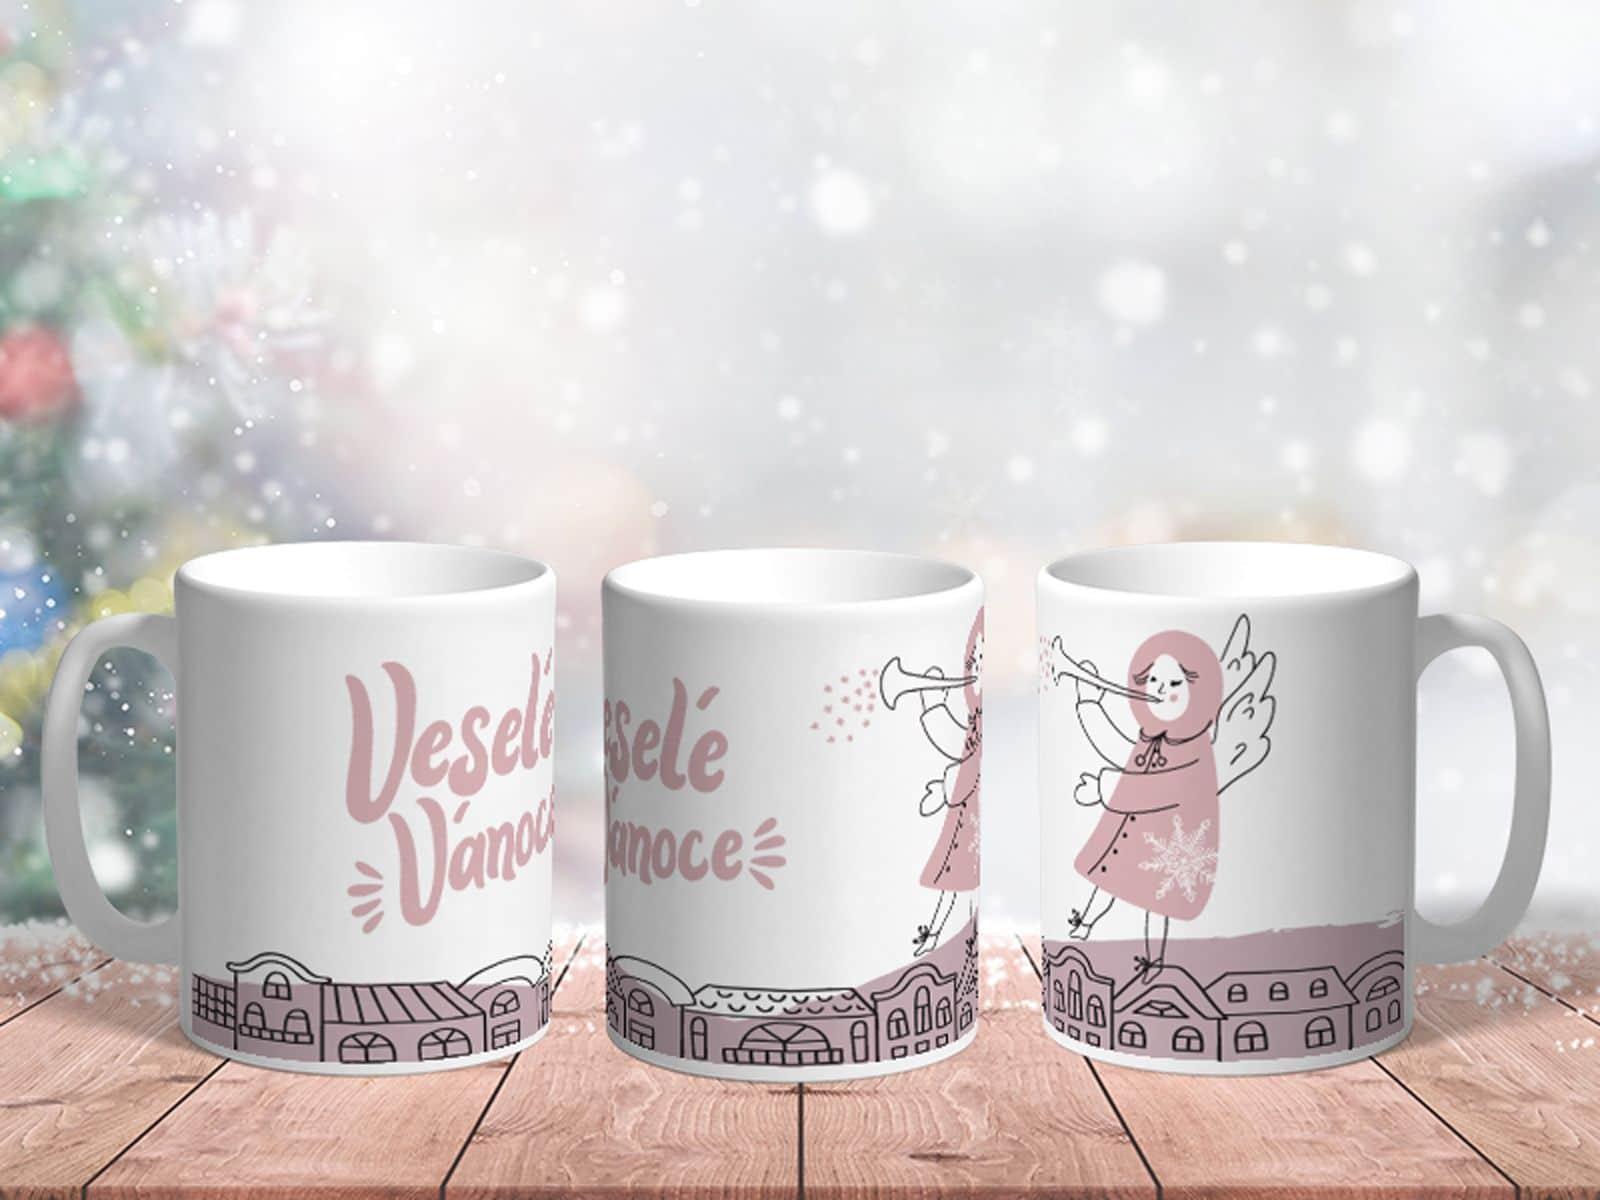 Bílý keramický vánoční hrnek Veselé Vánoce